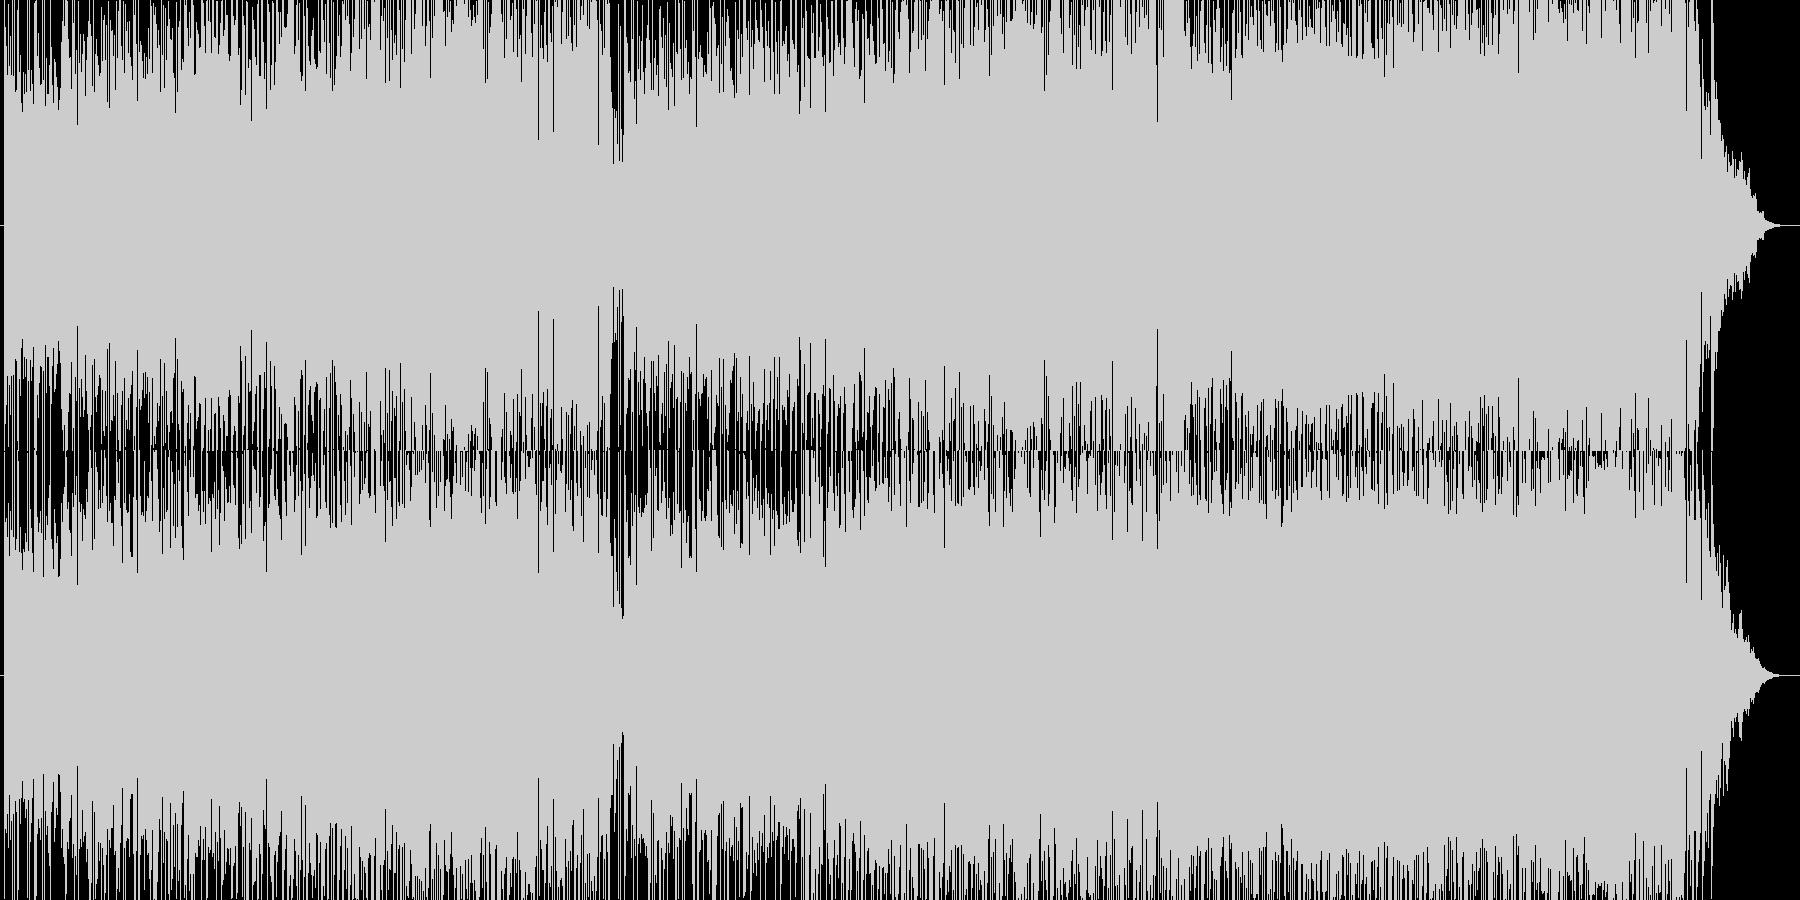 バイオリン、70年代ポップロックの未再生の波形